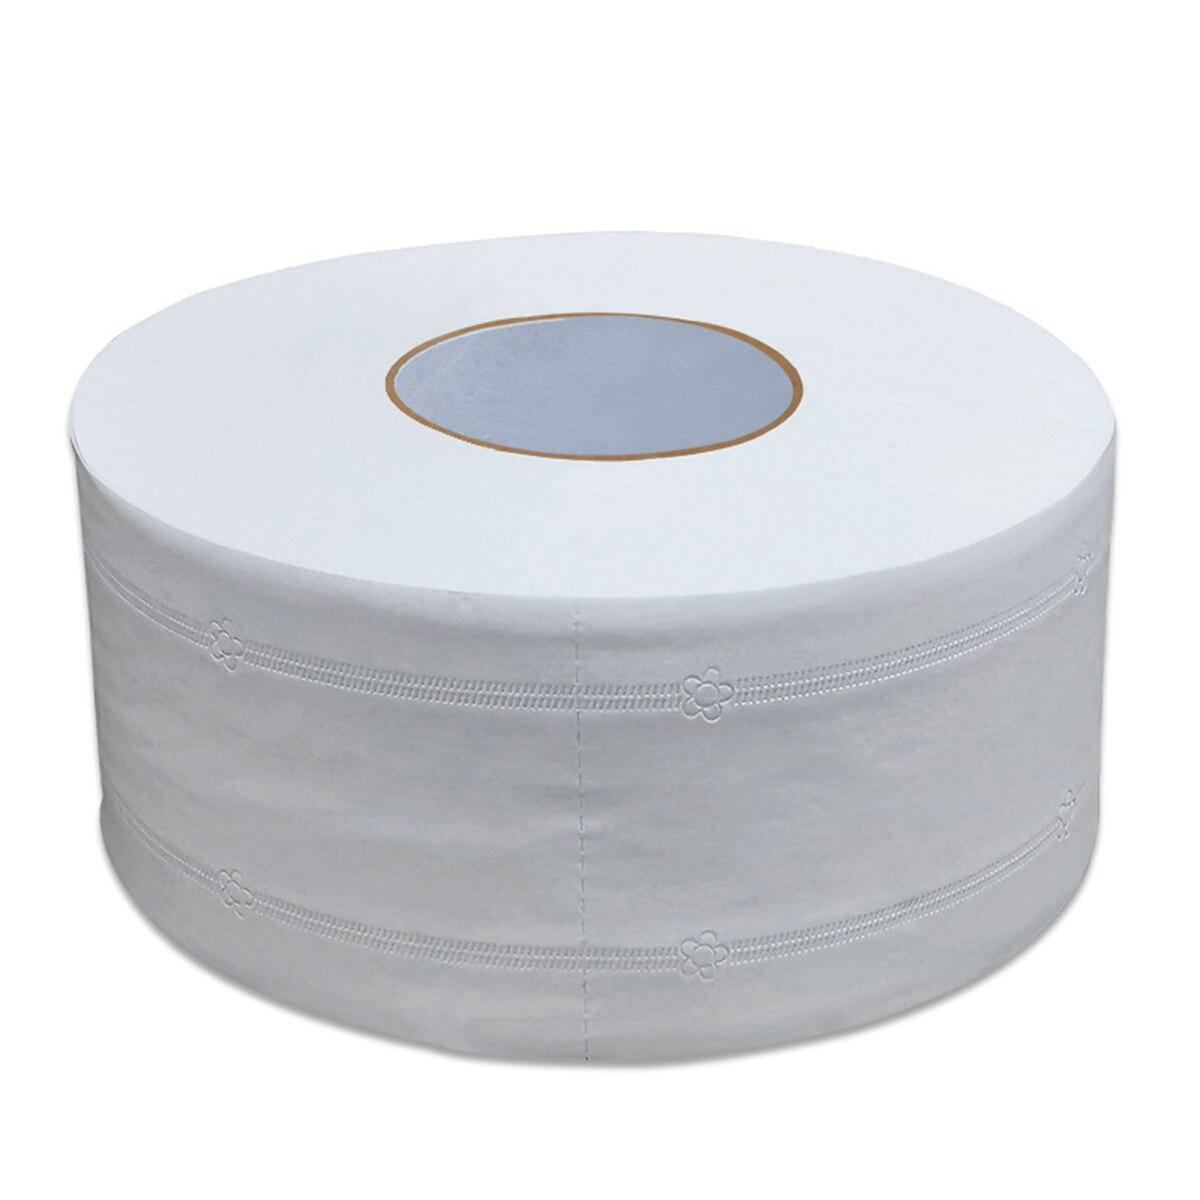 1 rollo de papel higiénico de alta calidad, rollo Jumbo, papel higiénico suave de madera nativa de 4 capas, papel de liar para el hogar, fuerte absorción de agua